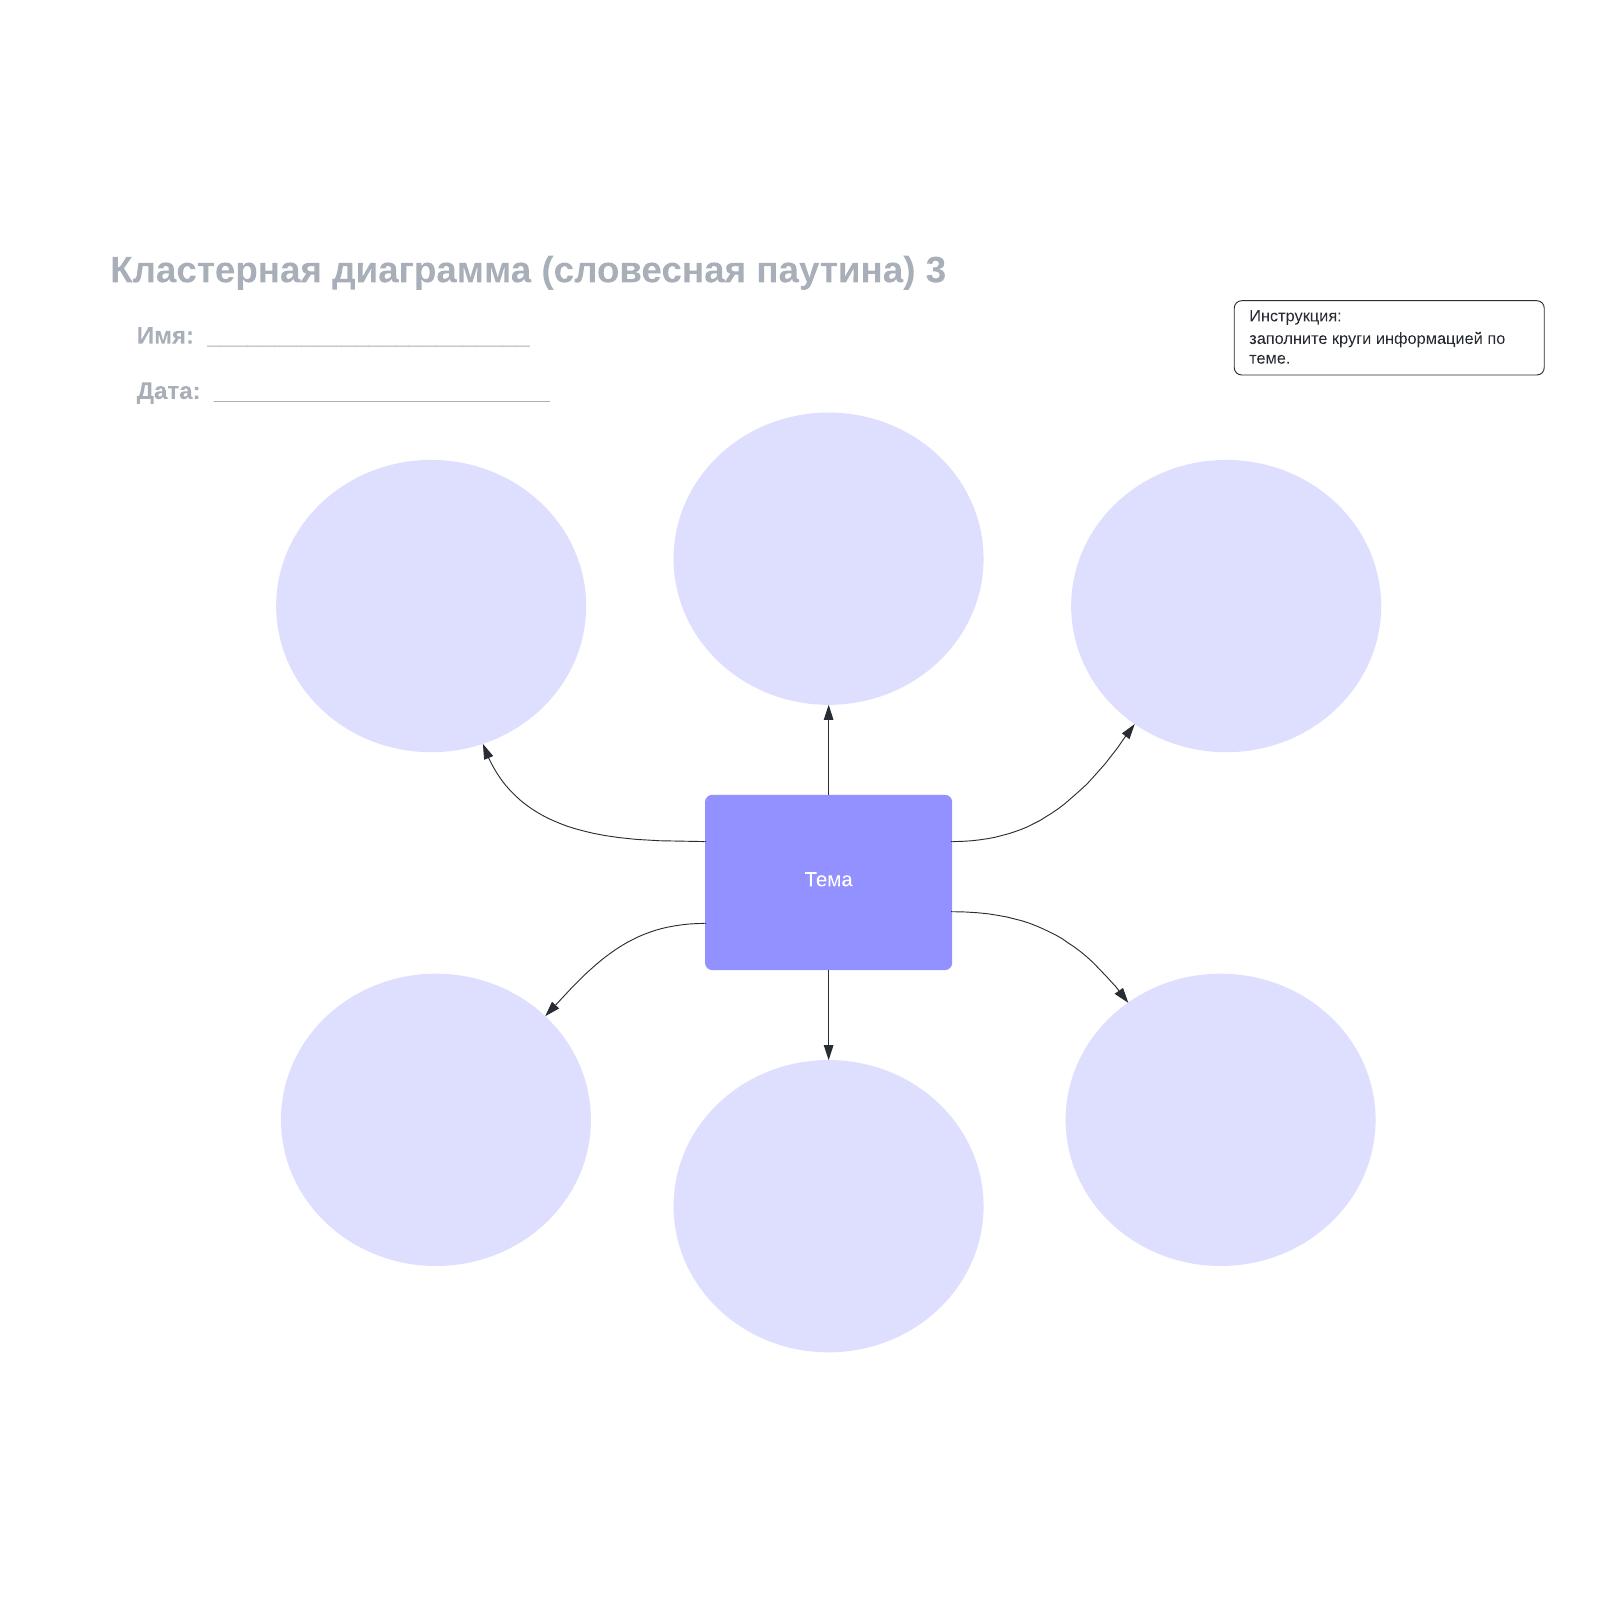 Кластерная диаграмма (словесная паутина) 3